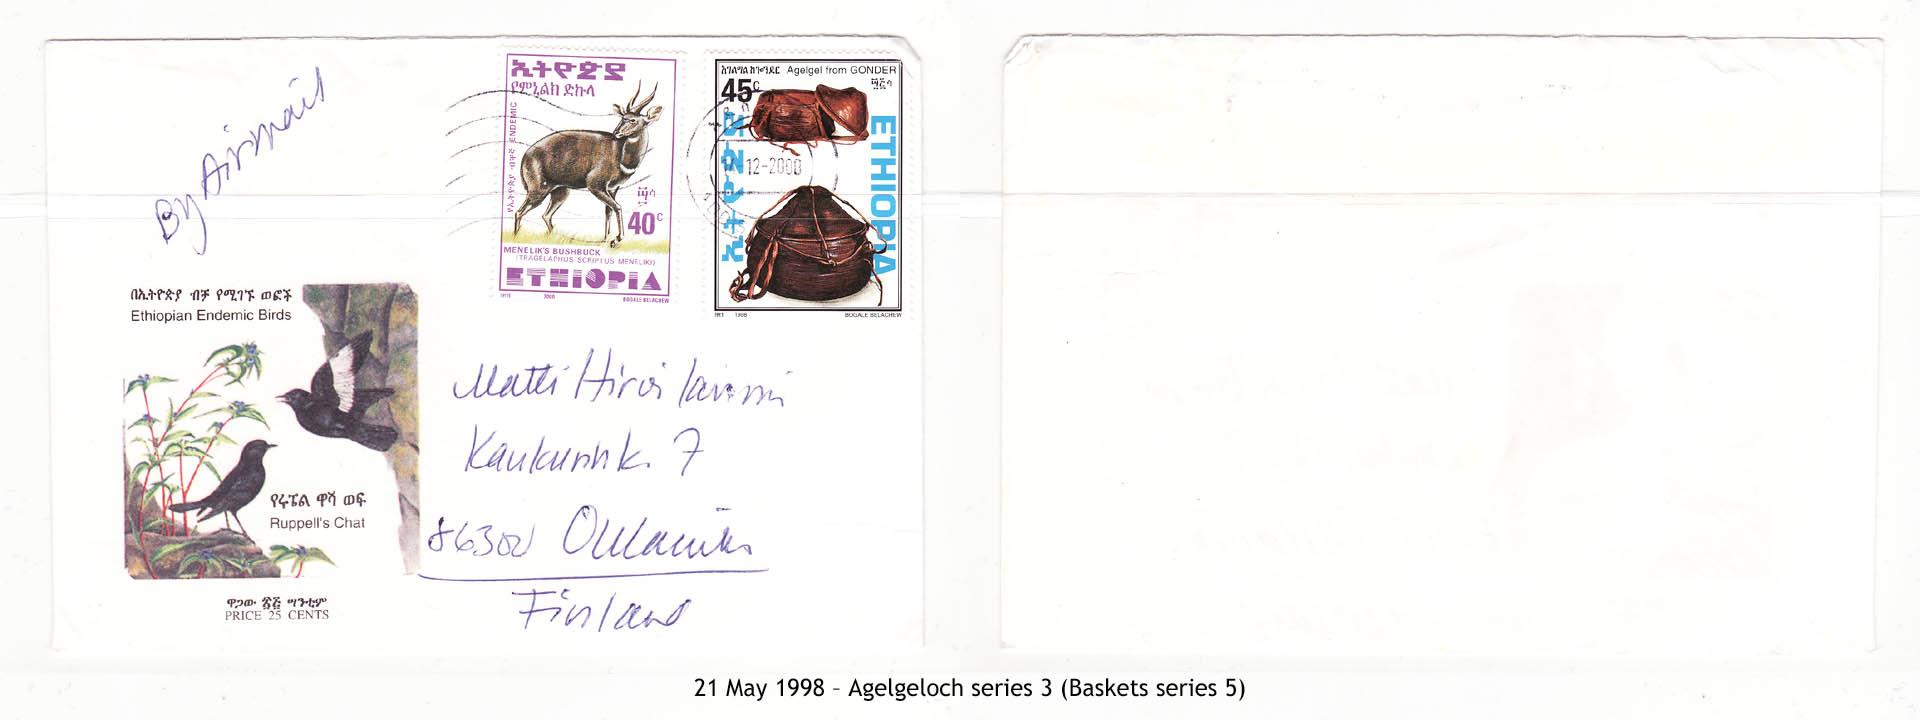 19980521 – Agelgeloch series 3 (Baskets series 5)